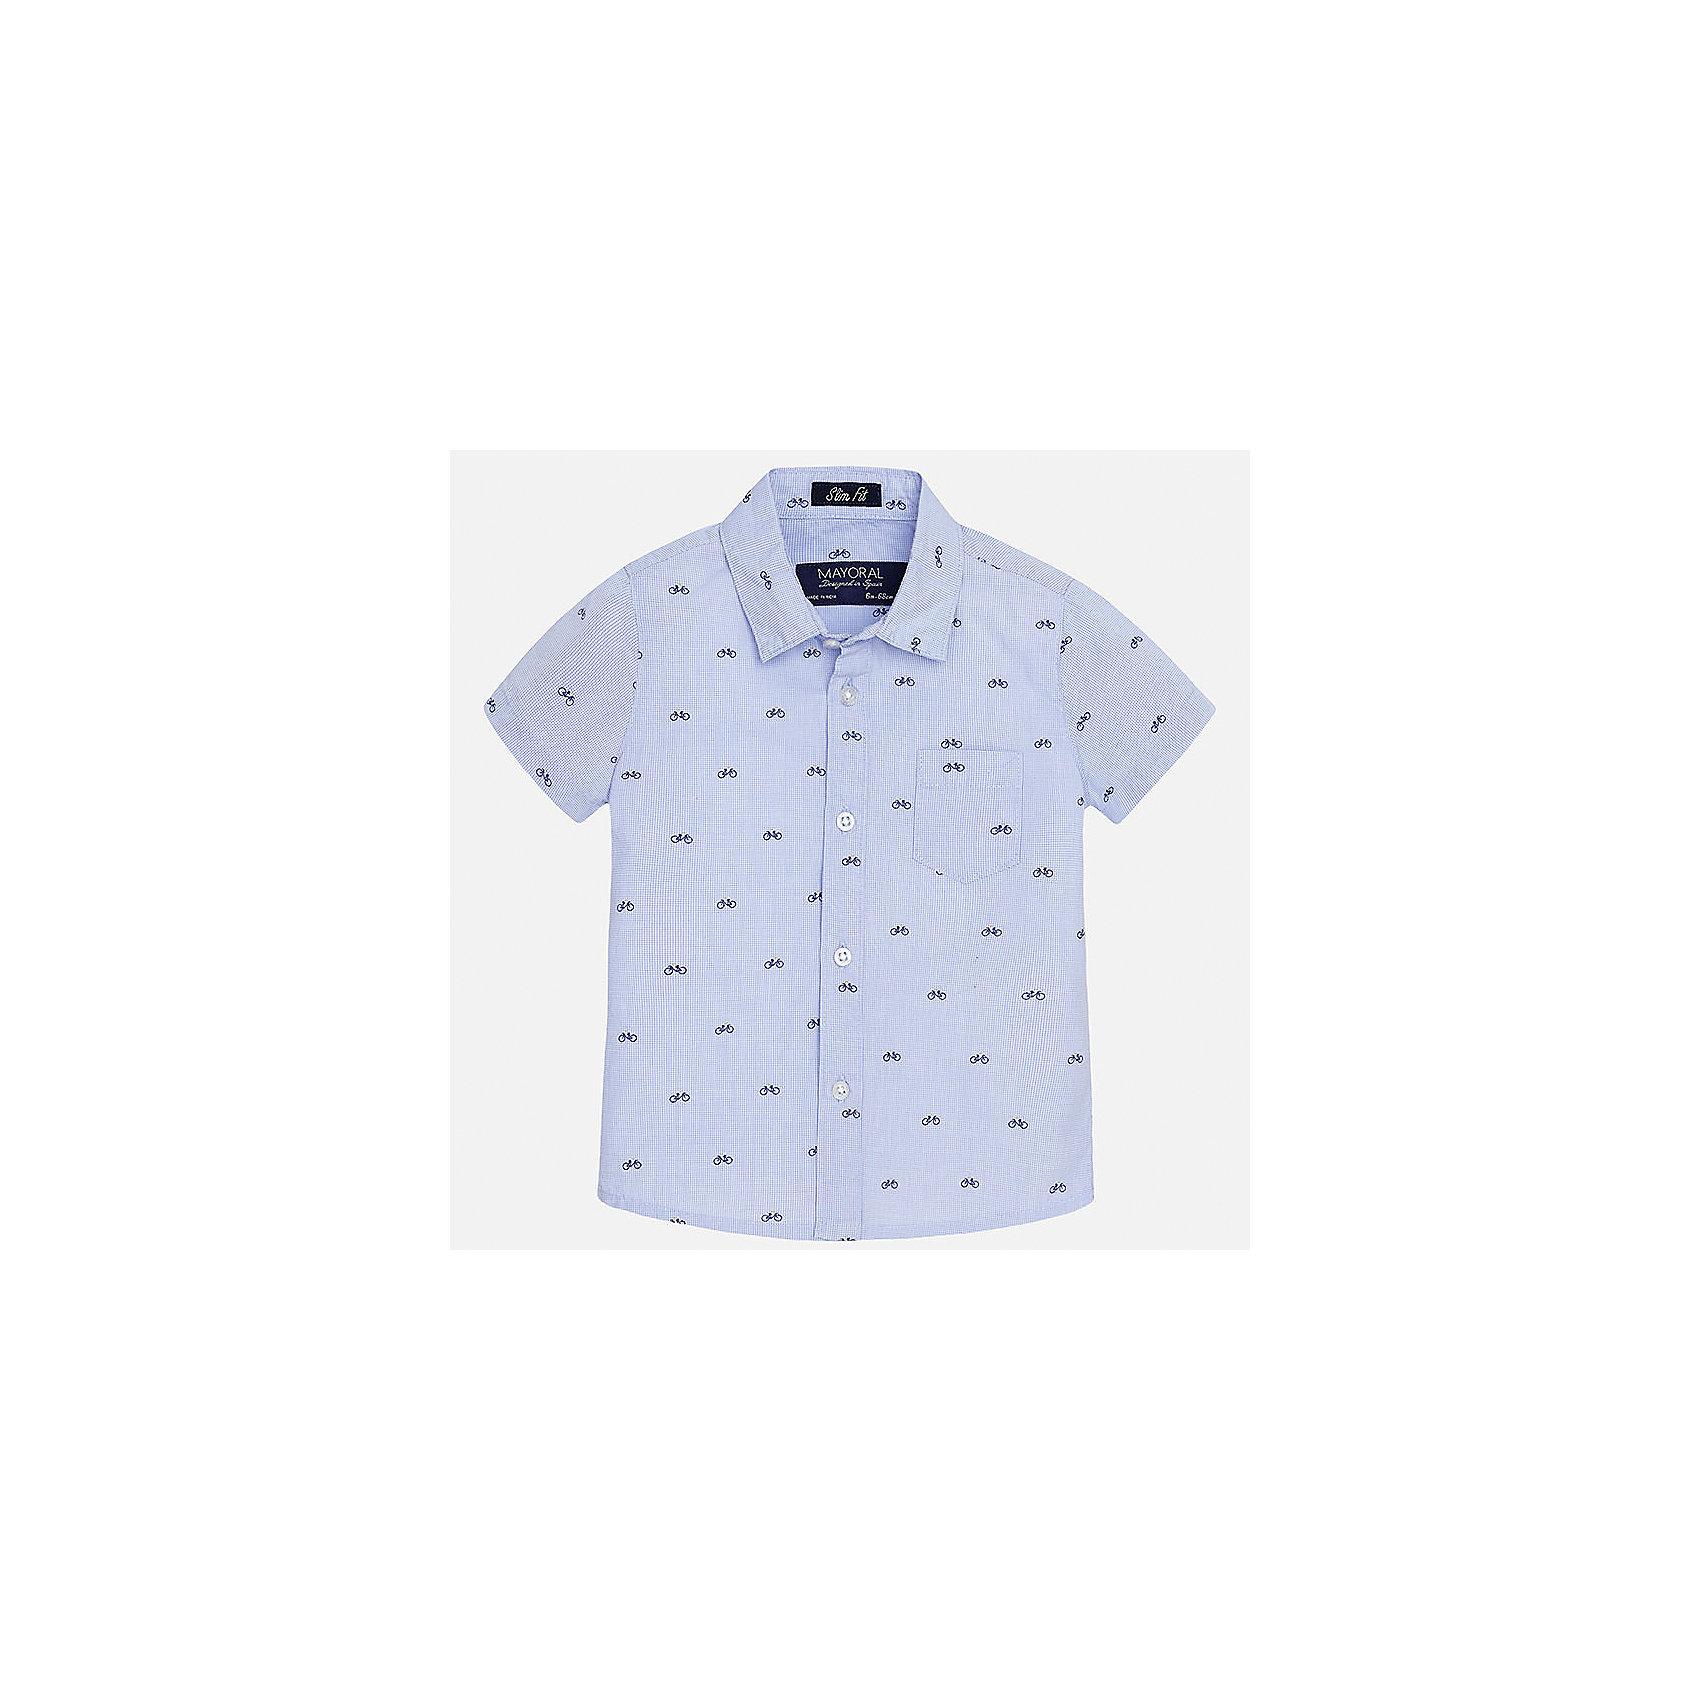 Рубашка для мальчика MayoralОдежда<br>Характеристики товара:<br><br>• цвет: голубой<br>• состав: 100% хлопок<br>• отложной воротник<br>• короткие рукава<br>• застежка: пуговицы<br>• карман на груди<br>• страна бренда: Испания<br><br>Красивая рубашка может отлично дополнить гардероб ребенка. Она хорошо сочетается с брюками, шортами, джинсами и т.д. Универсальный крой и цвет позволяет подобрать к вещи низ разных расцветок. Практичное и стильное изделие! В составе материала - только натуральный хлопок, гипоаллергенный, приятный на ощупь, дышащий.<br><br>Одежда, обувь и аксессуары от испанского бренда Mayoral полюбились детям и взрослым по всему миру. Модели этой марки - стильные и удобные. Для их производства используются только безопасные, качественные материалы и фурнитура. Порадуйте ребенка модными и красивыми вещами от Mayoral! <br><br>Рубашку для мальчика от испанского бренда Mayoral (Майорал) можно купить в нашем интернет-магазине.<br><br>Ширина мм: 174<br>Глубина мм: 10<br>Высота мм: 169<br>Вес г: 157<br>Цвет: голубой<br>Возраст от месяцев: 12<br>Возраст до месяцев: 15<br>Пол: Мужской<br>Возраст: Детский<br>Размер: 80,92,86<br>SKU: 5279456